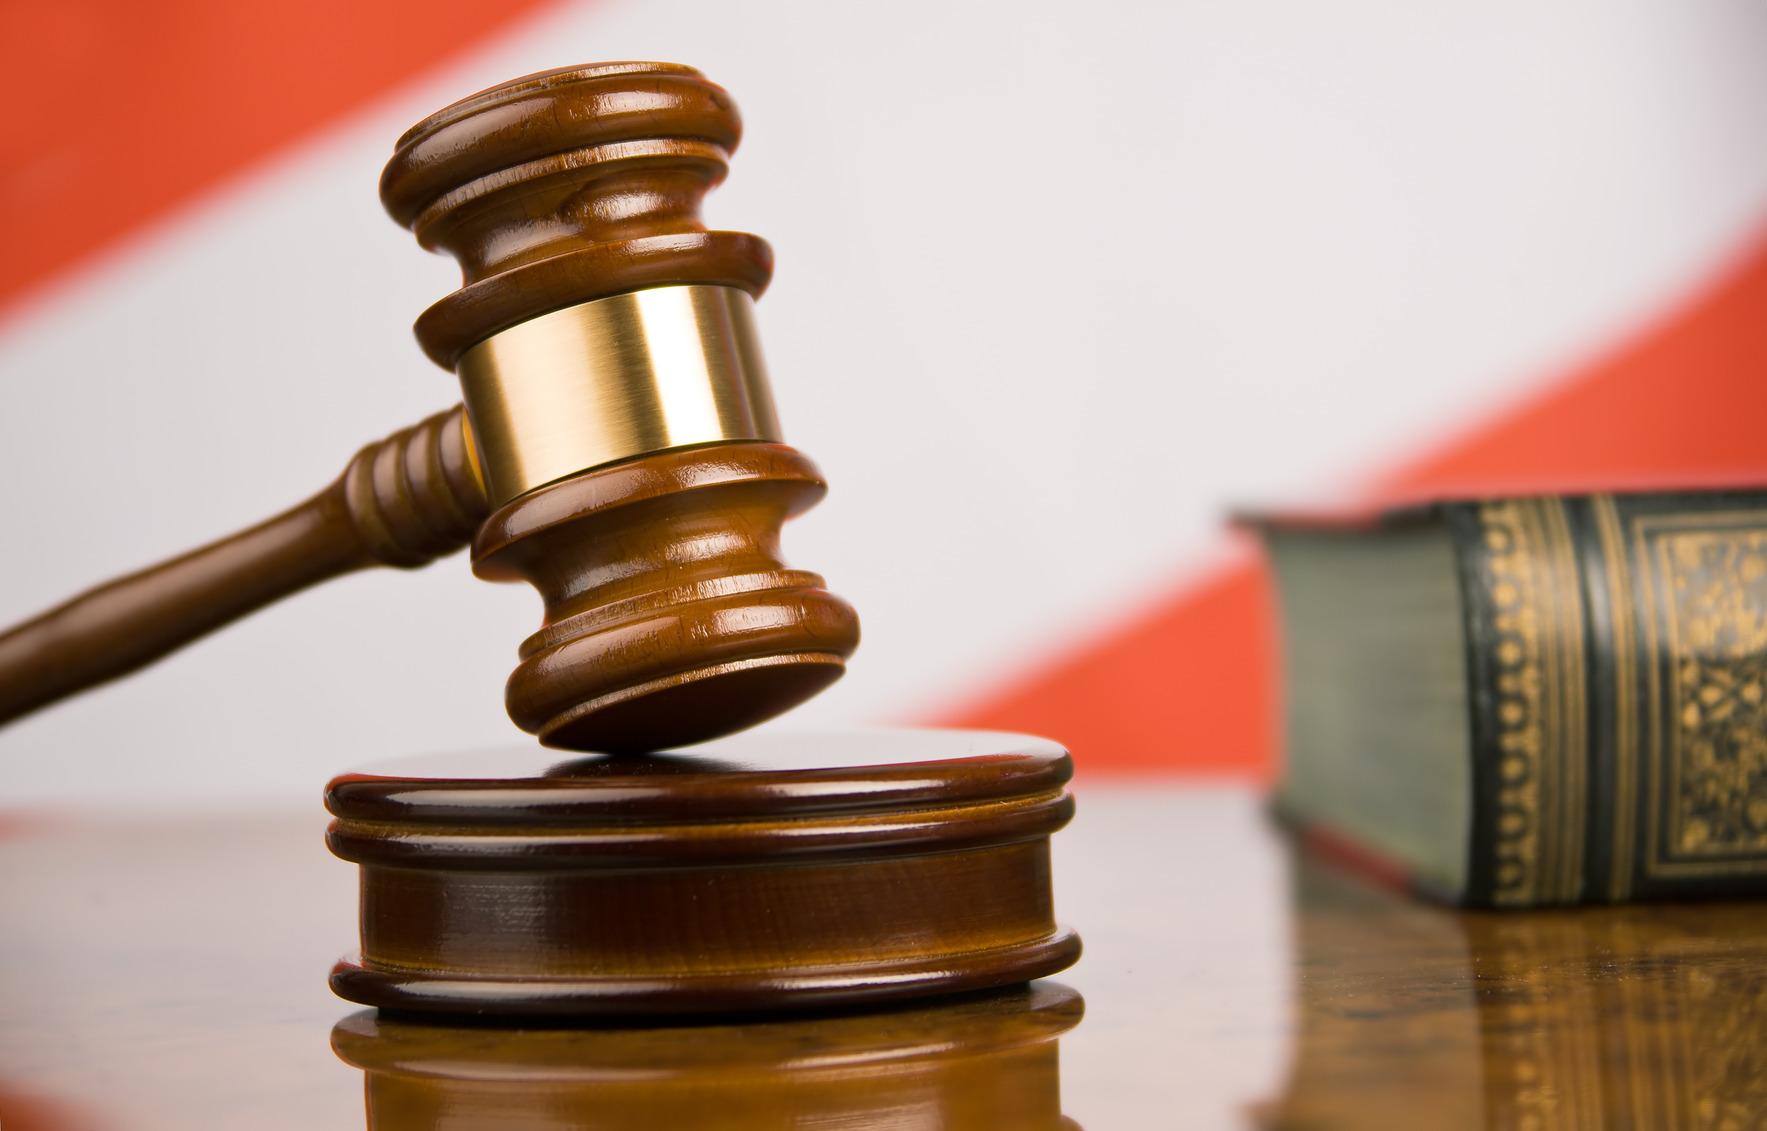 В адрес омбудсмена РК за год поступило около 330 жалоб на решения судов